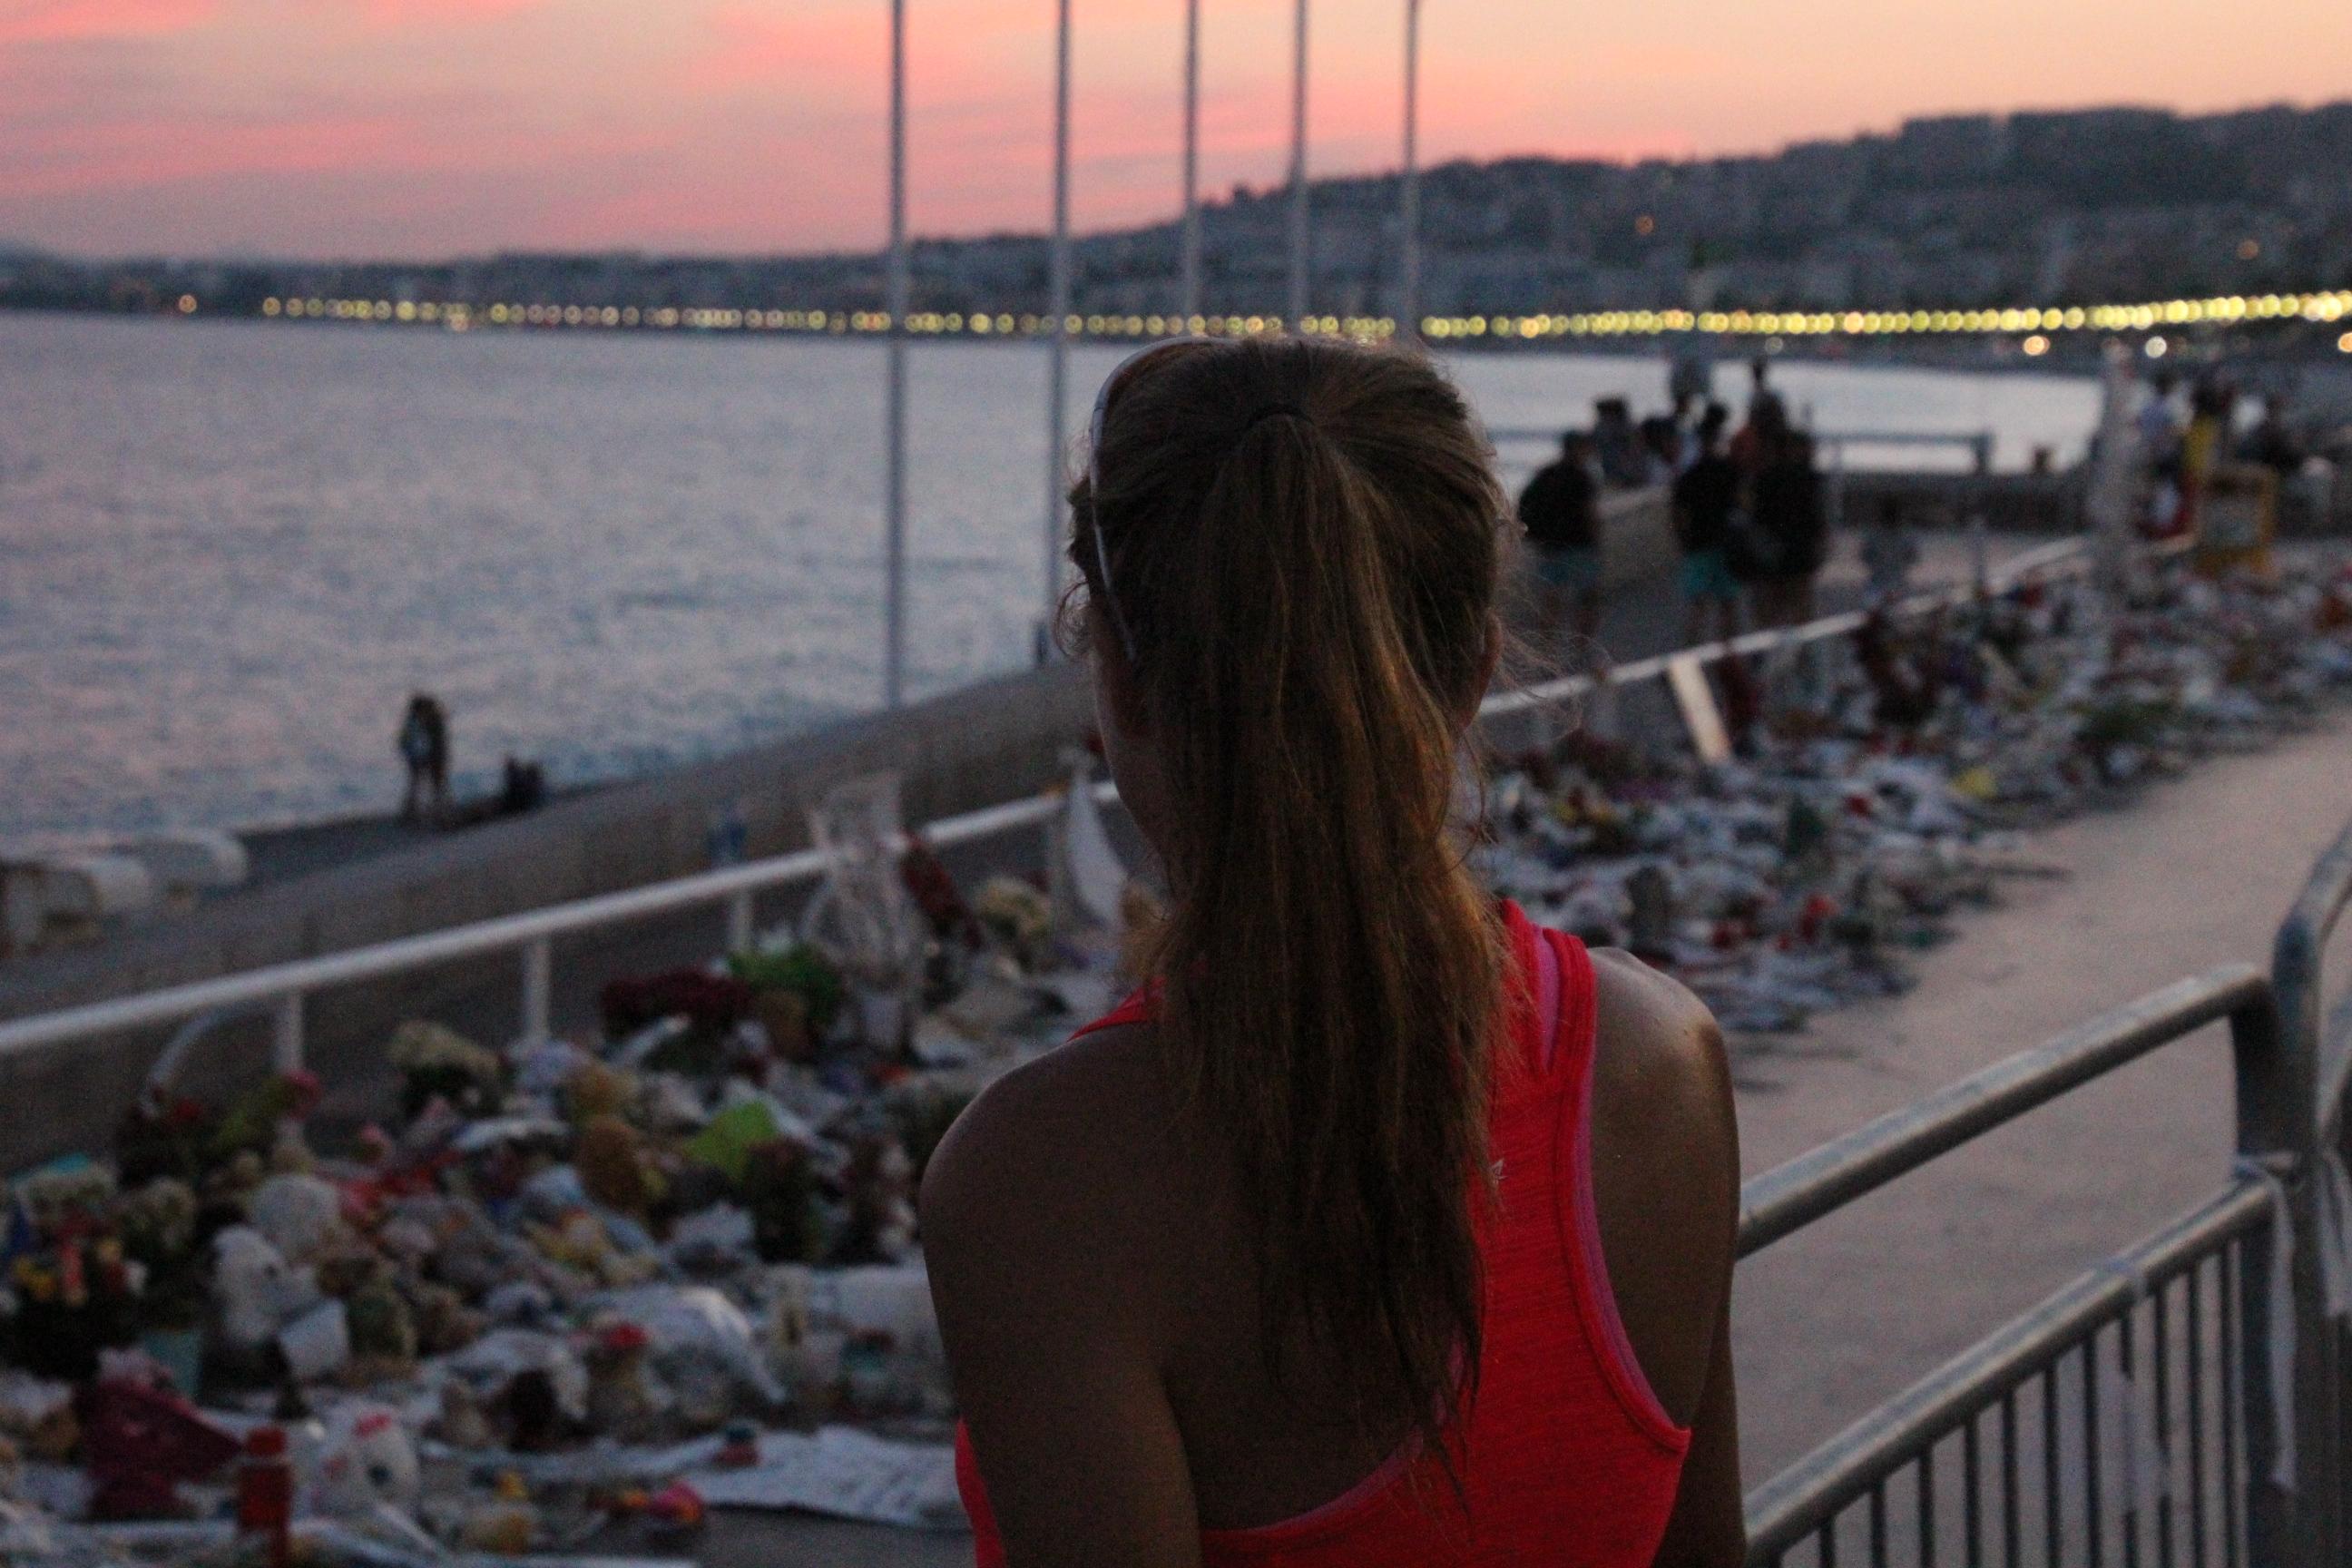 Bieganie ma sens, ale sensu życia nie zagwarantuje. Refleksje z biegu z Cannes do Nicei.